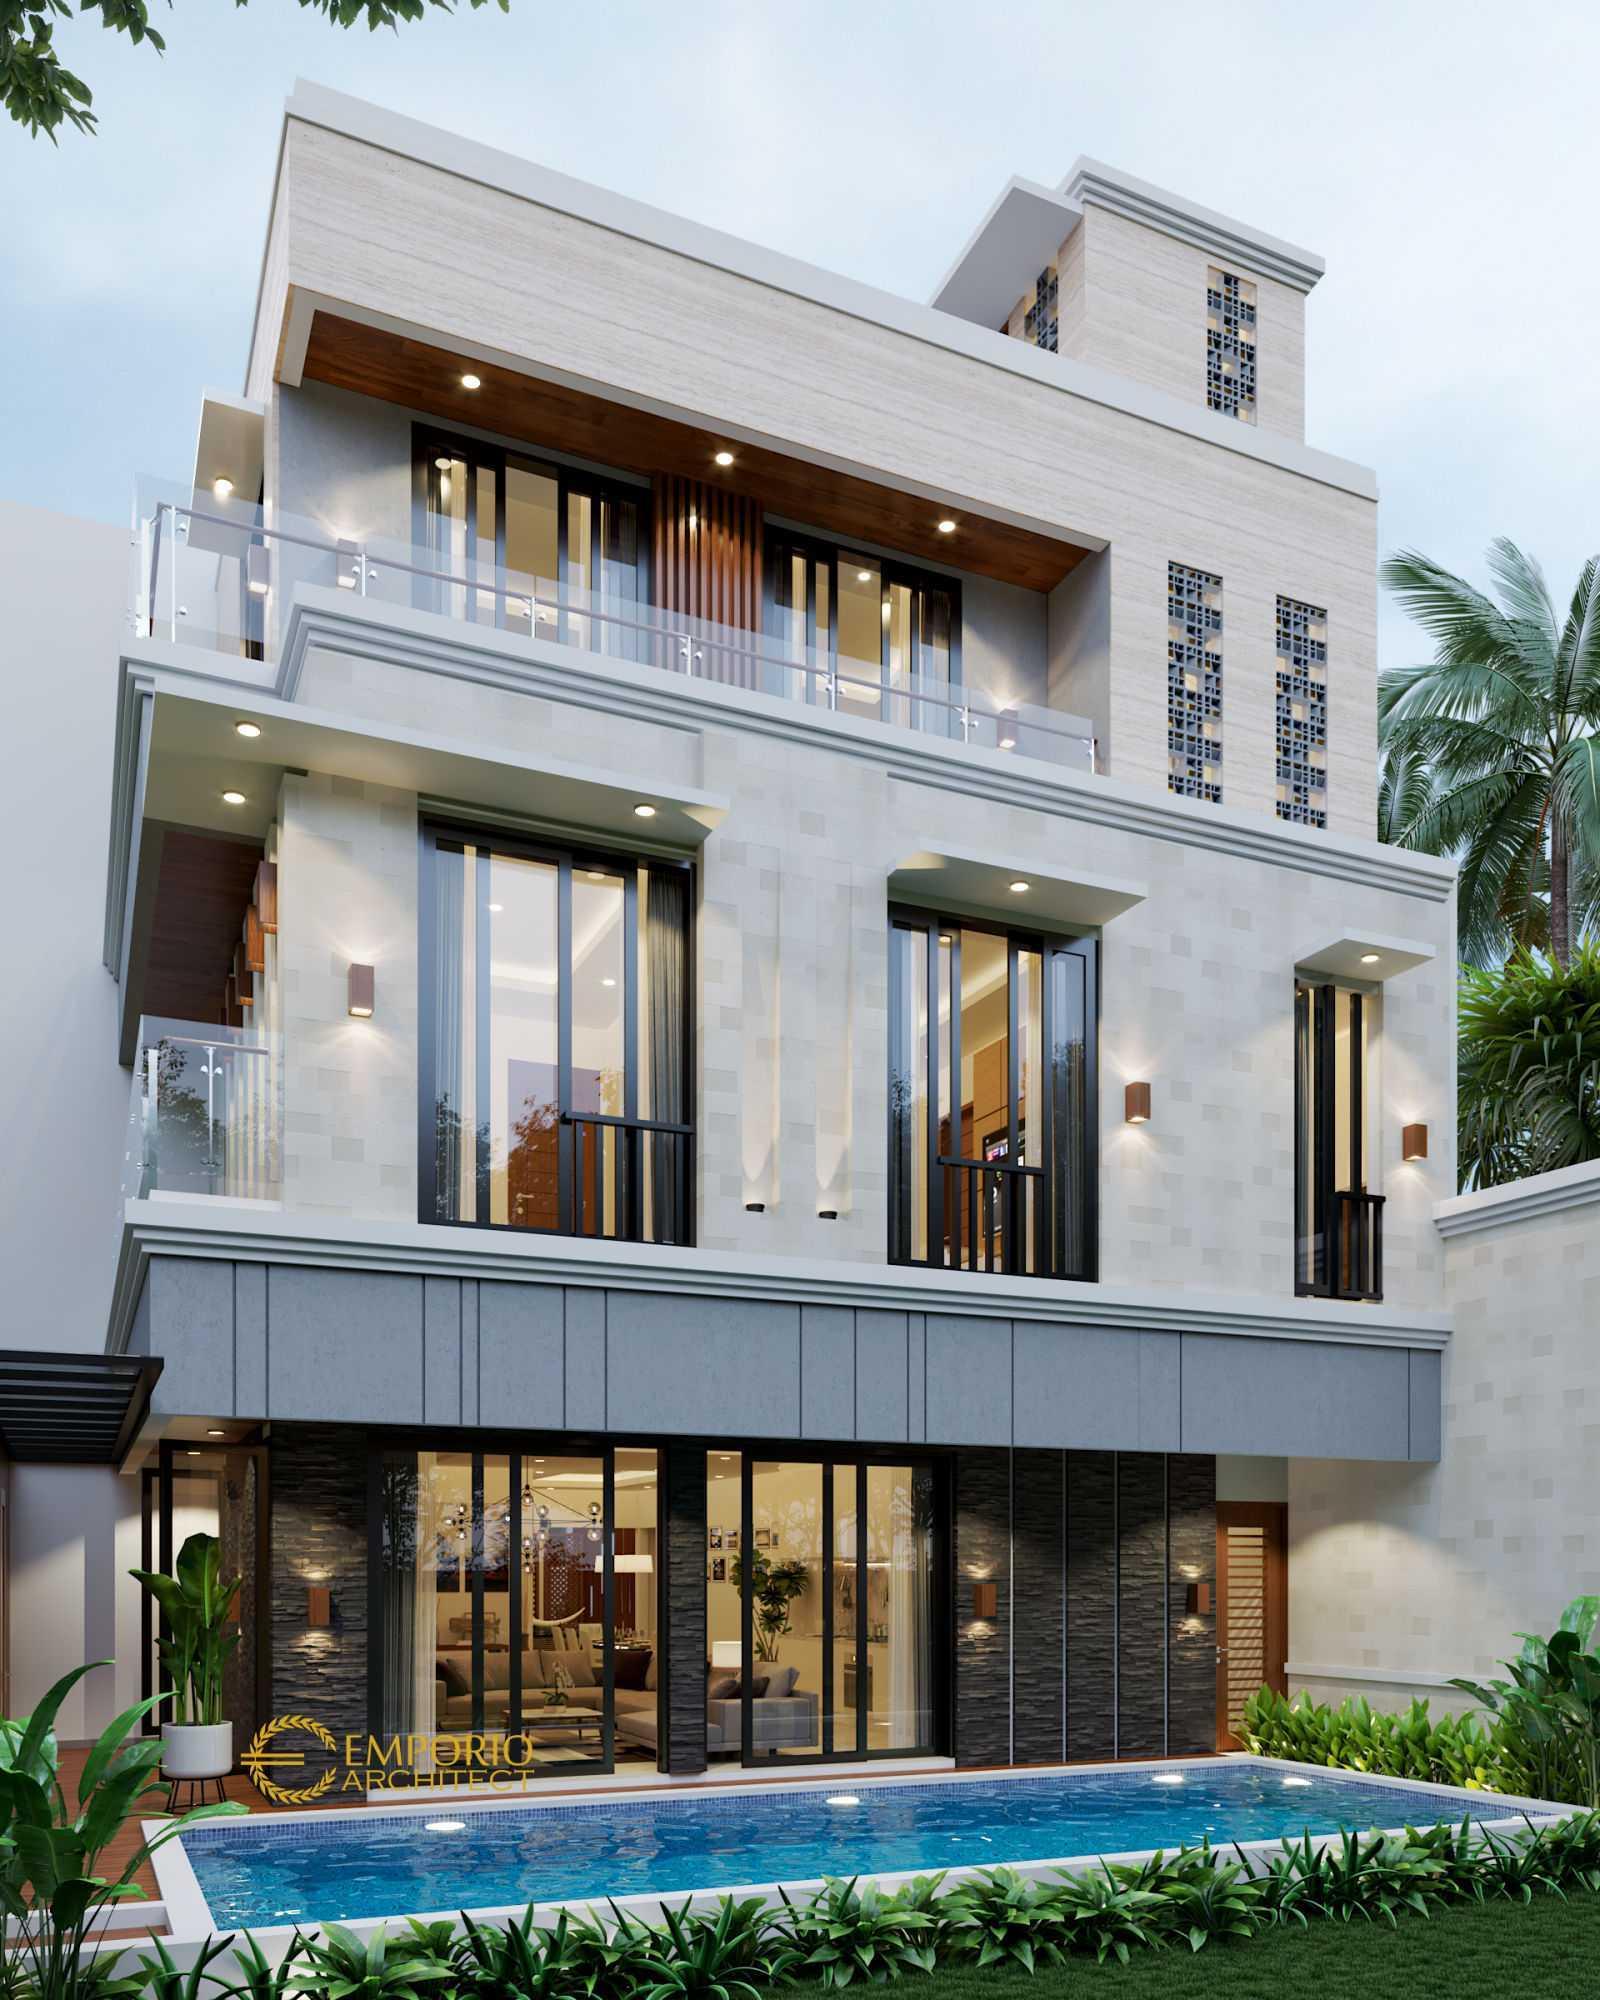 Emporio Architect Jasa Arsitek Tangerang Desain Rumah Modern Tropis 618 @ Tangerang Tangerang, Kota Tangerang, Banten, Indonesia Tangerang, Kota Tangerang, Banten, Indonesia Emporio-Architect-Jasa-Arsitek-Tangerang-Desain-Rumah-Modern-Tropis-618-Tangerang  82668